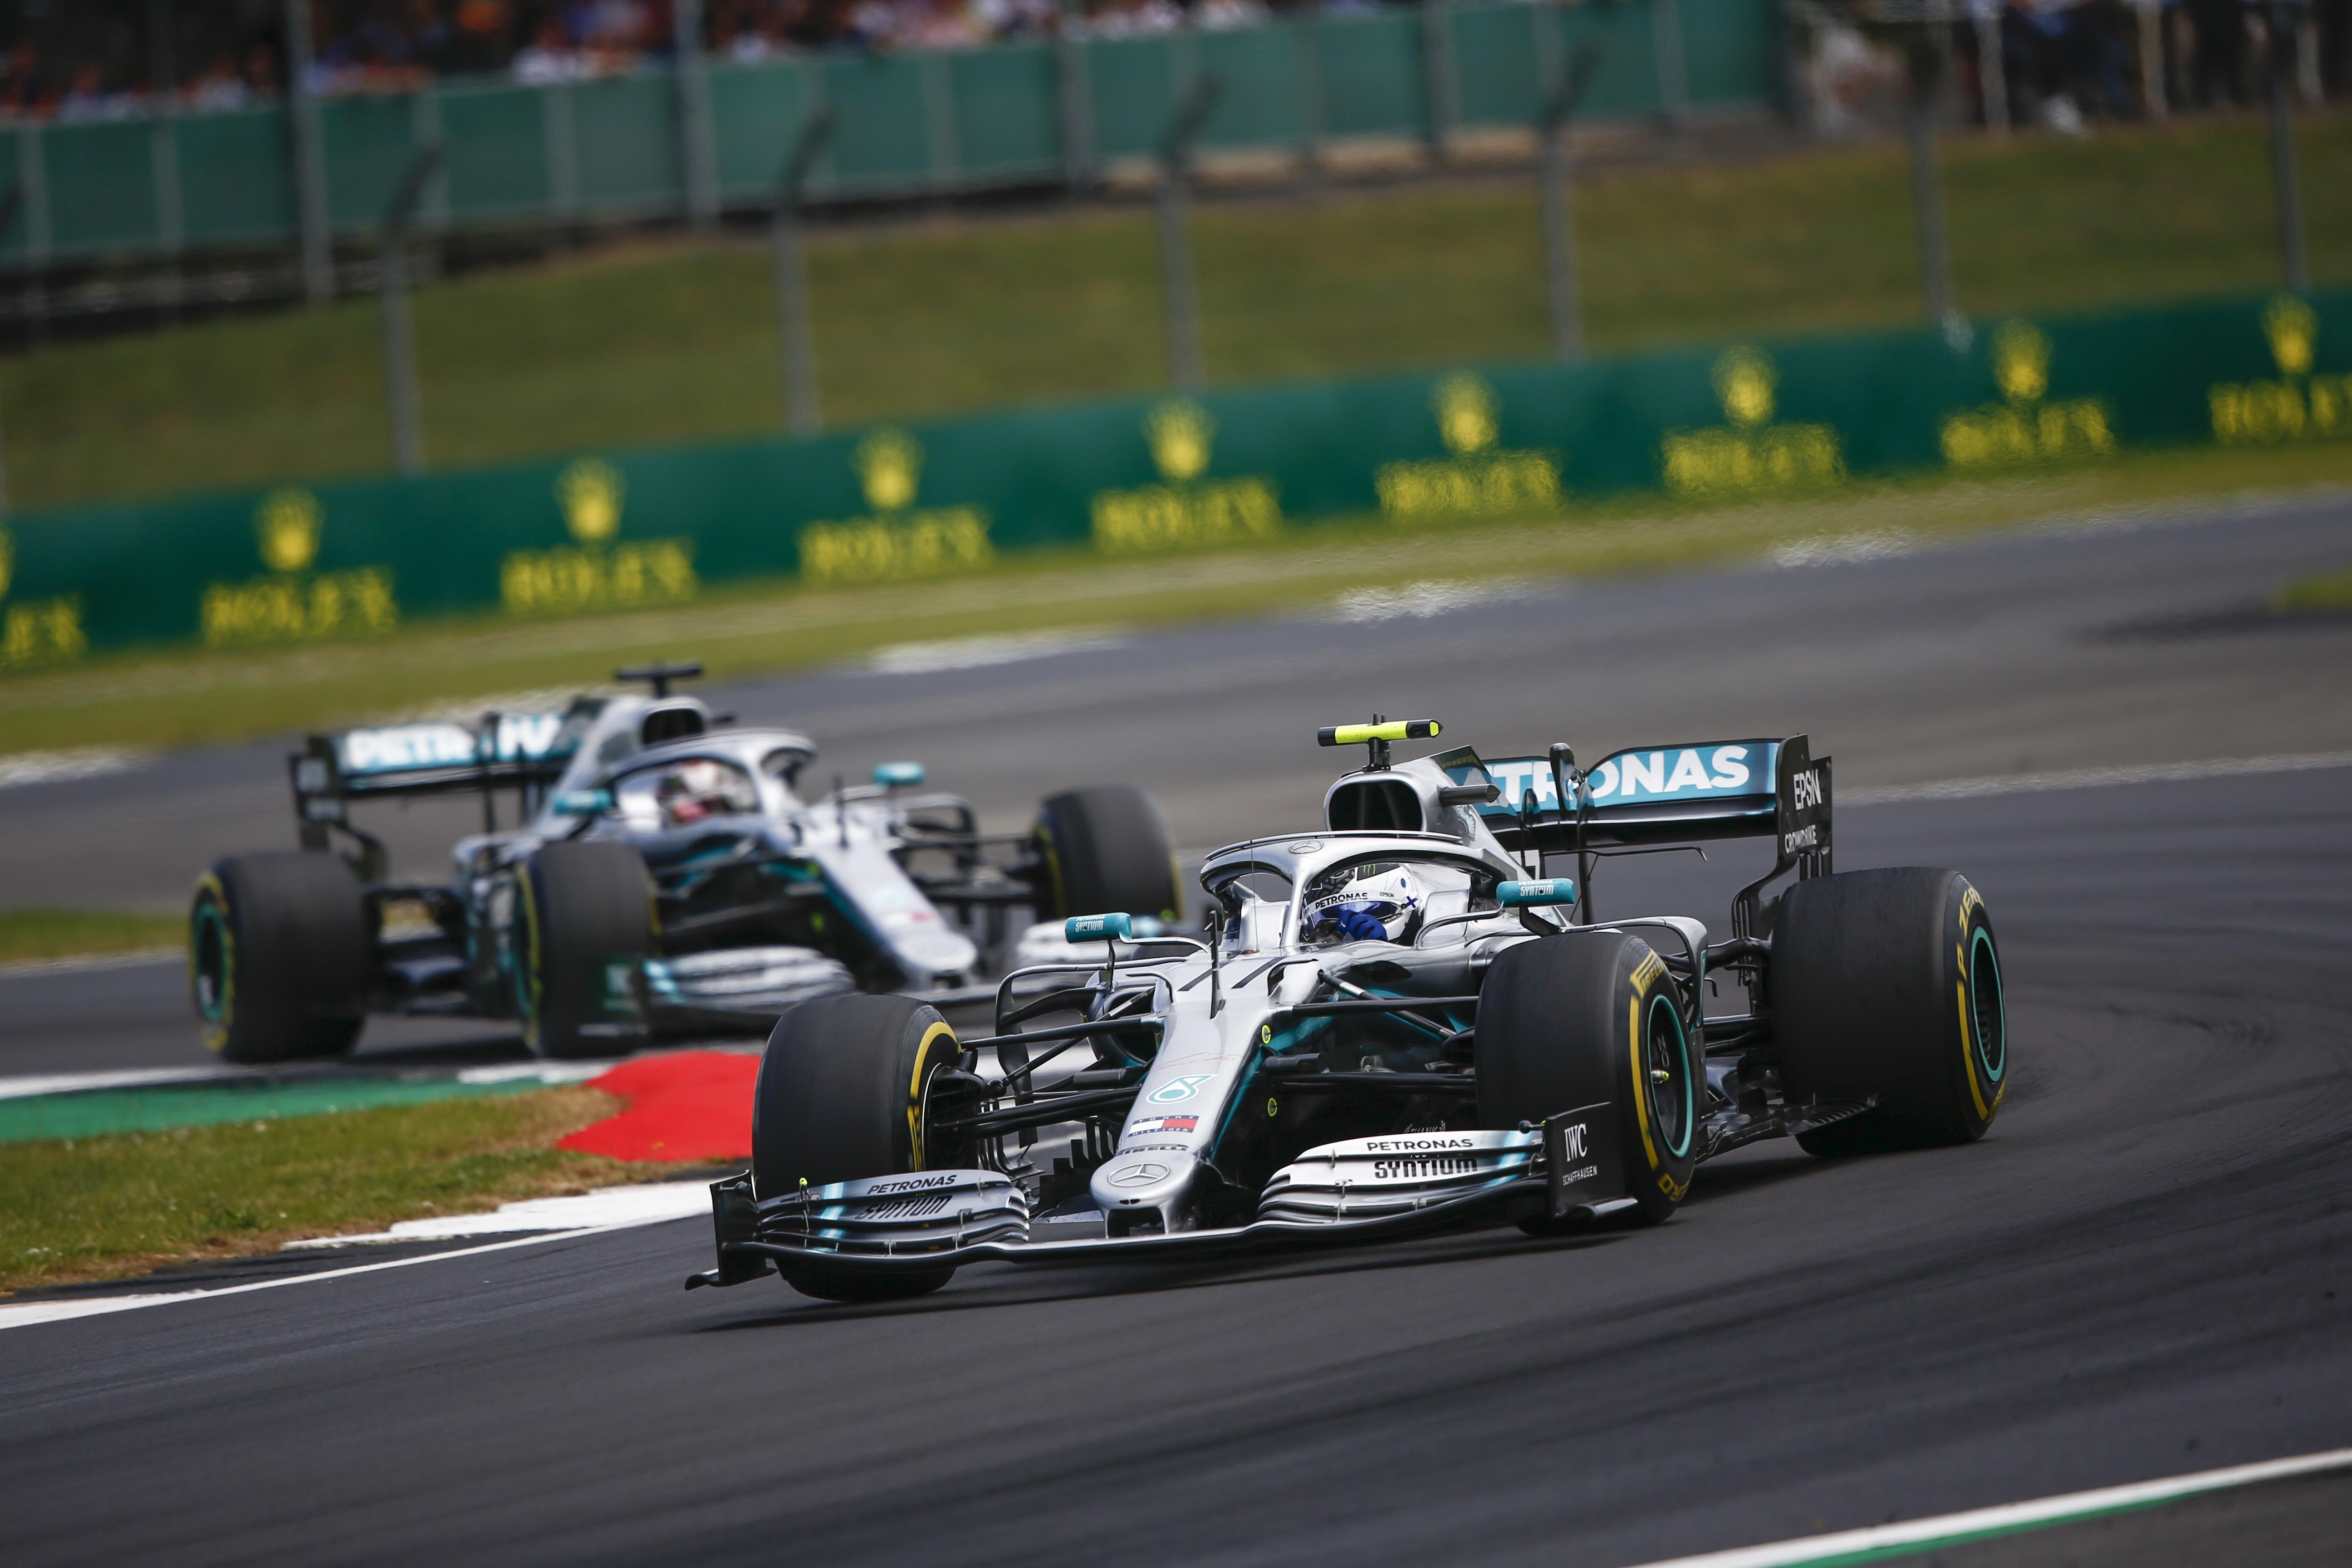 Formel 1 - Mercedes-AMG Petronas Motorsport, Großer Preis von Großbritannien 2019. Lewis Hamilton, Valtteri Bottas   Formula One - Mercedes-AMG Petronas Motorsport, British GP 2019. Lewis Hamilton, Valtteri Bottas